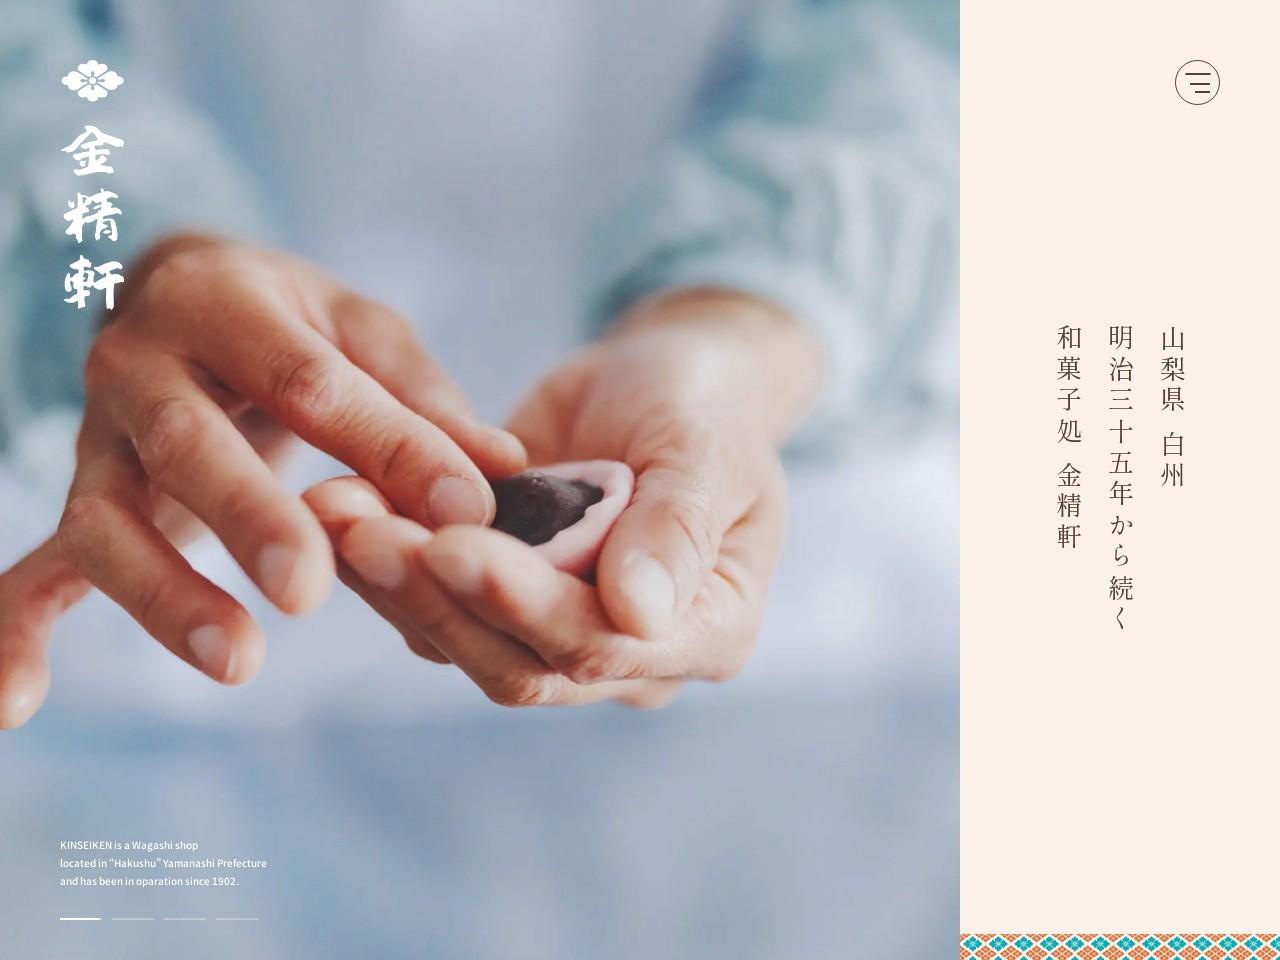 金精軒製菓株式会社